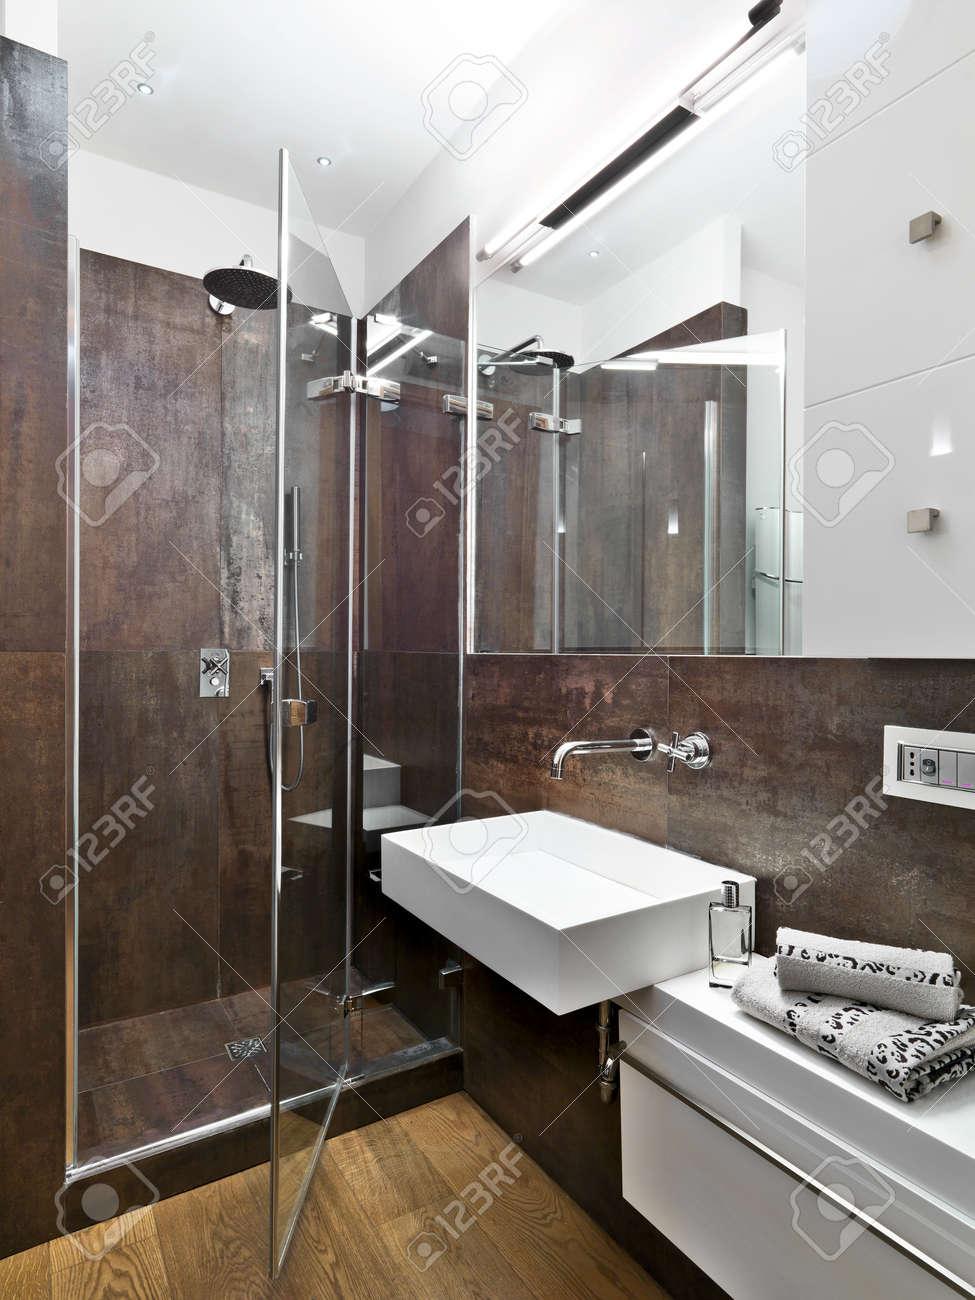 vista panoramica di bagno moderno con vetro box doccia e lavandino ... - Bagni Moderni Con Box Doccia